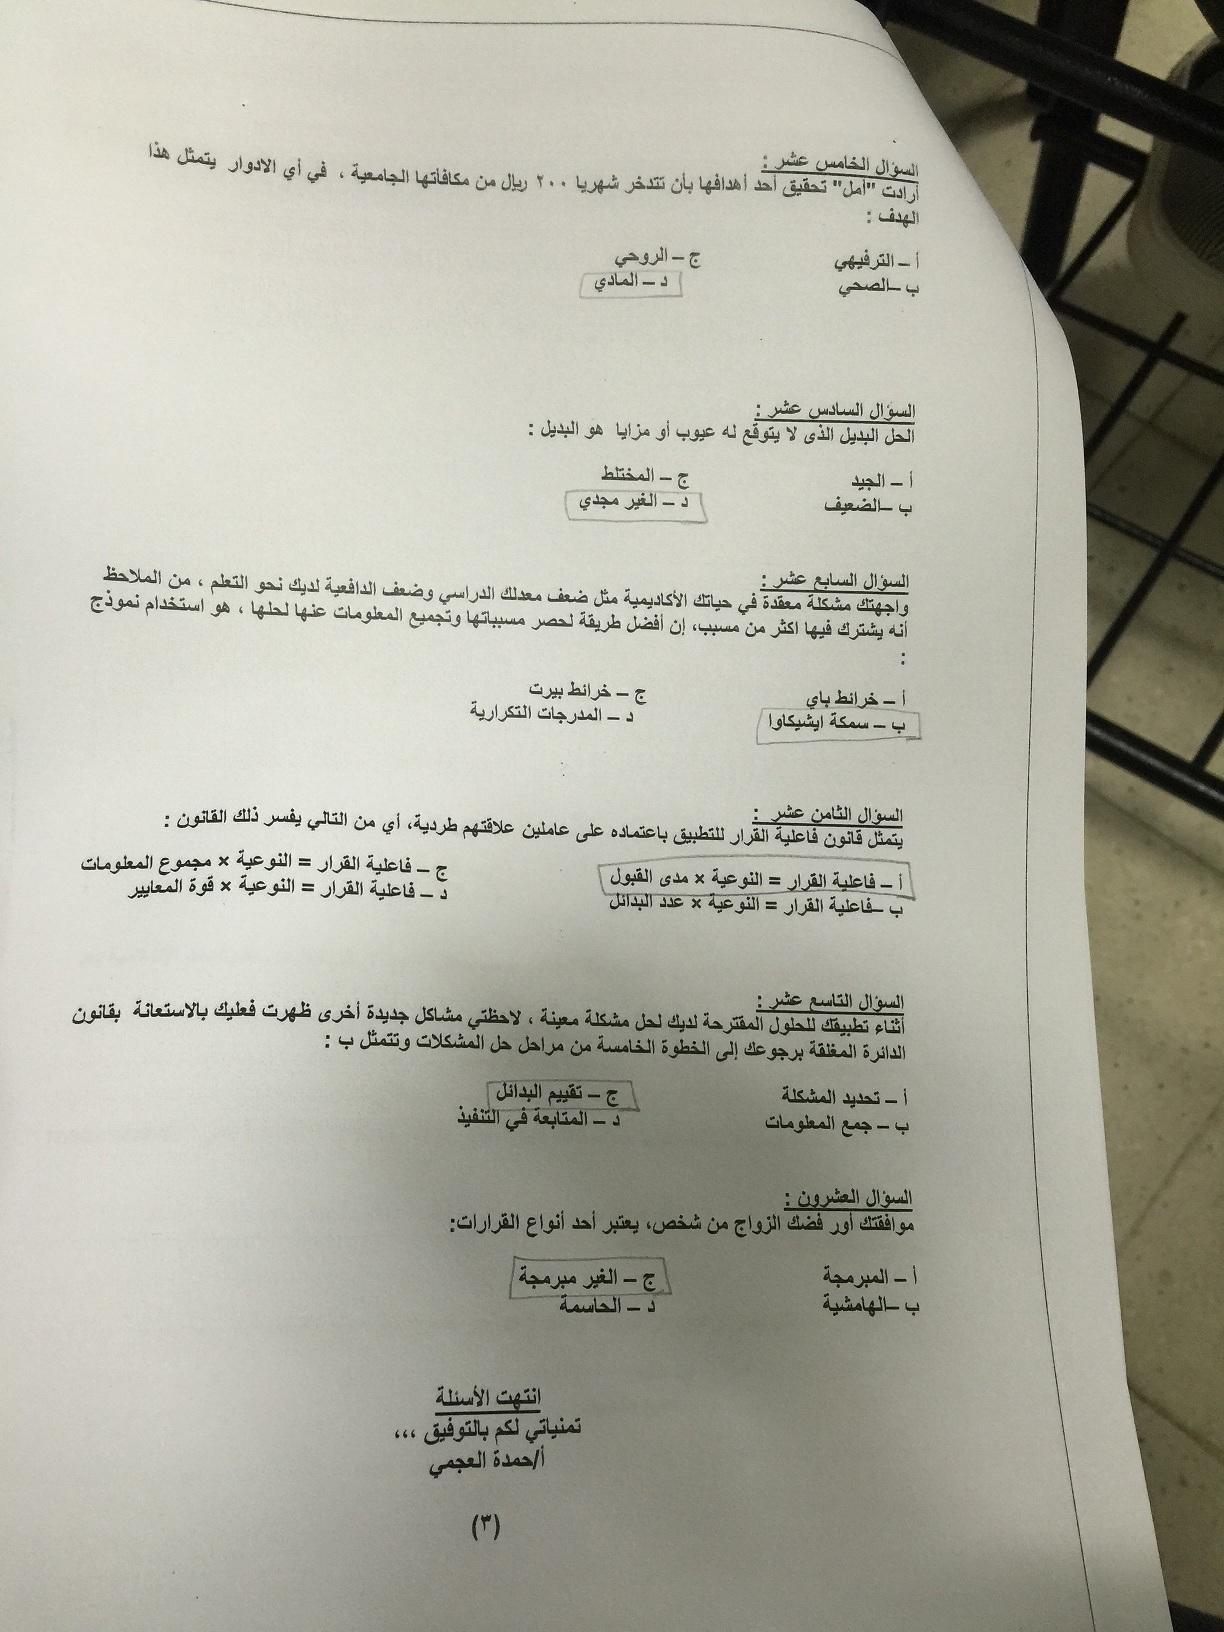 كتاب المهارات الجامعية pdf جامعة طيبة